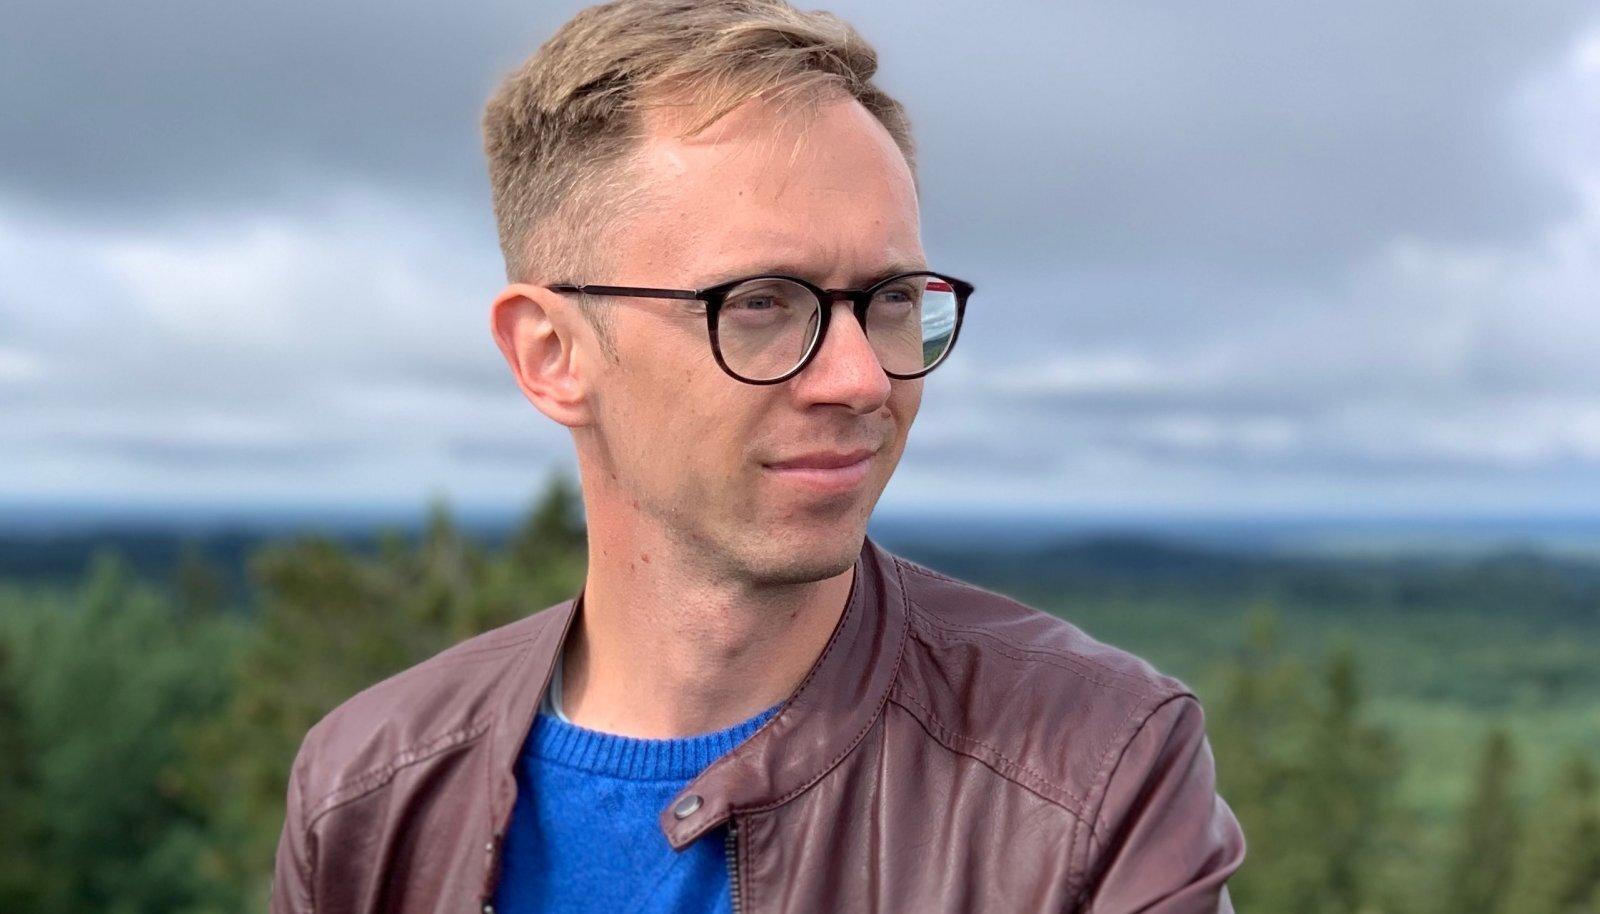 Hans Lõugas on tehnoloogiakommentaator ja endine ajakirjanik. Ta töötab küberturvalisuse ettevõttes CybExer.